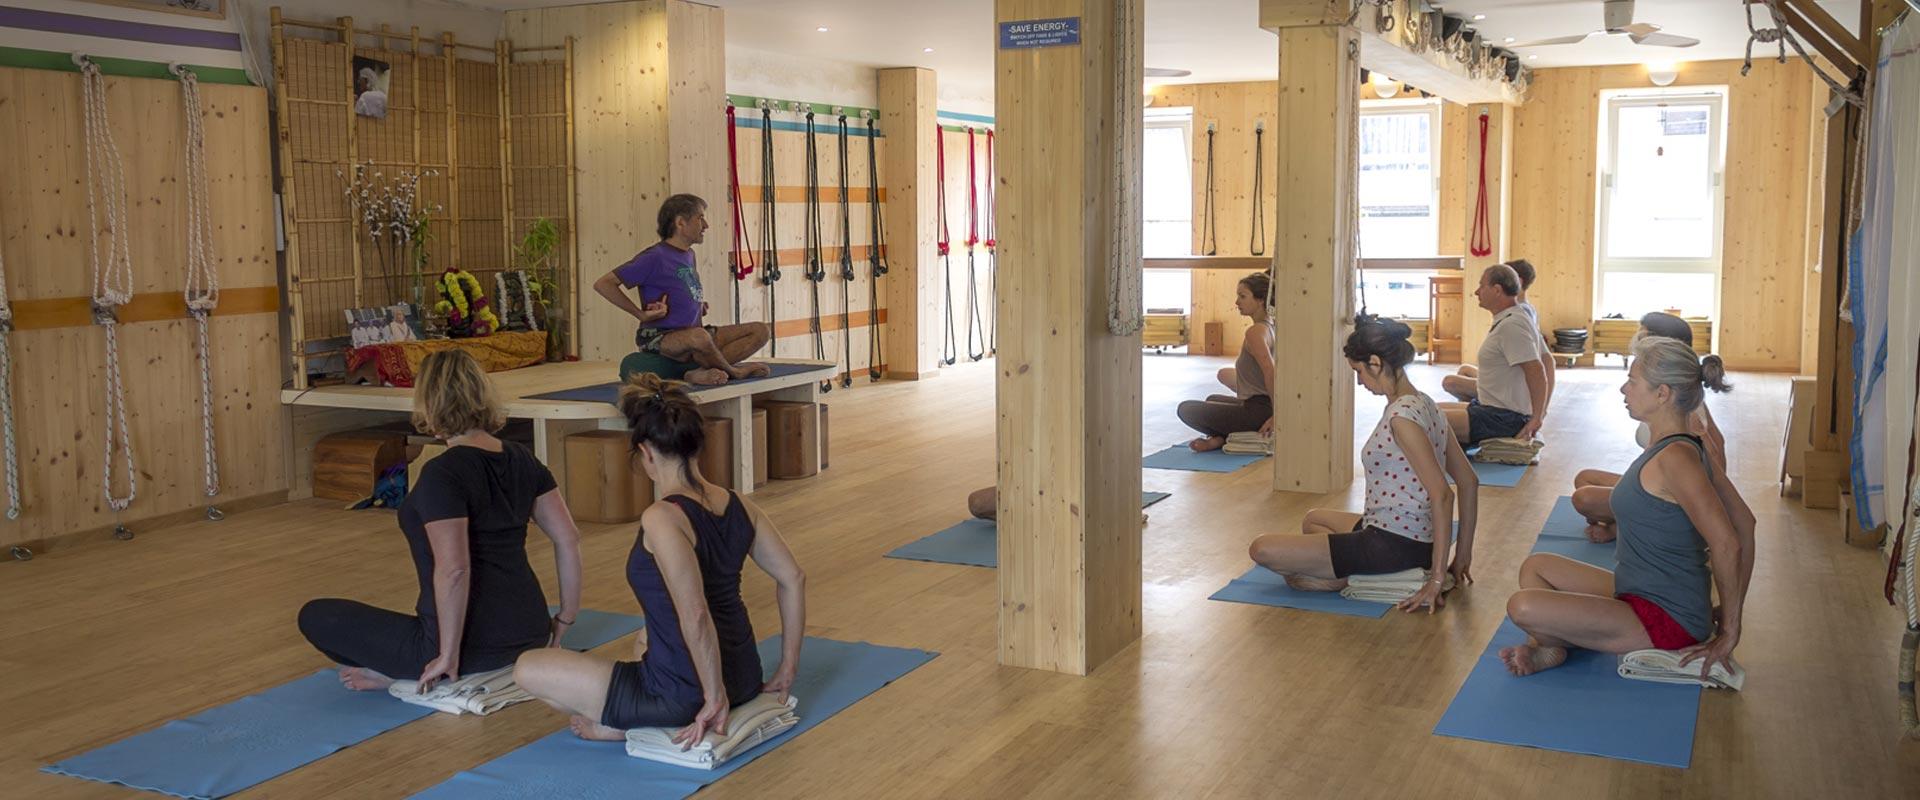 postures yoga iyengar